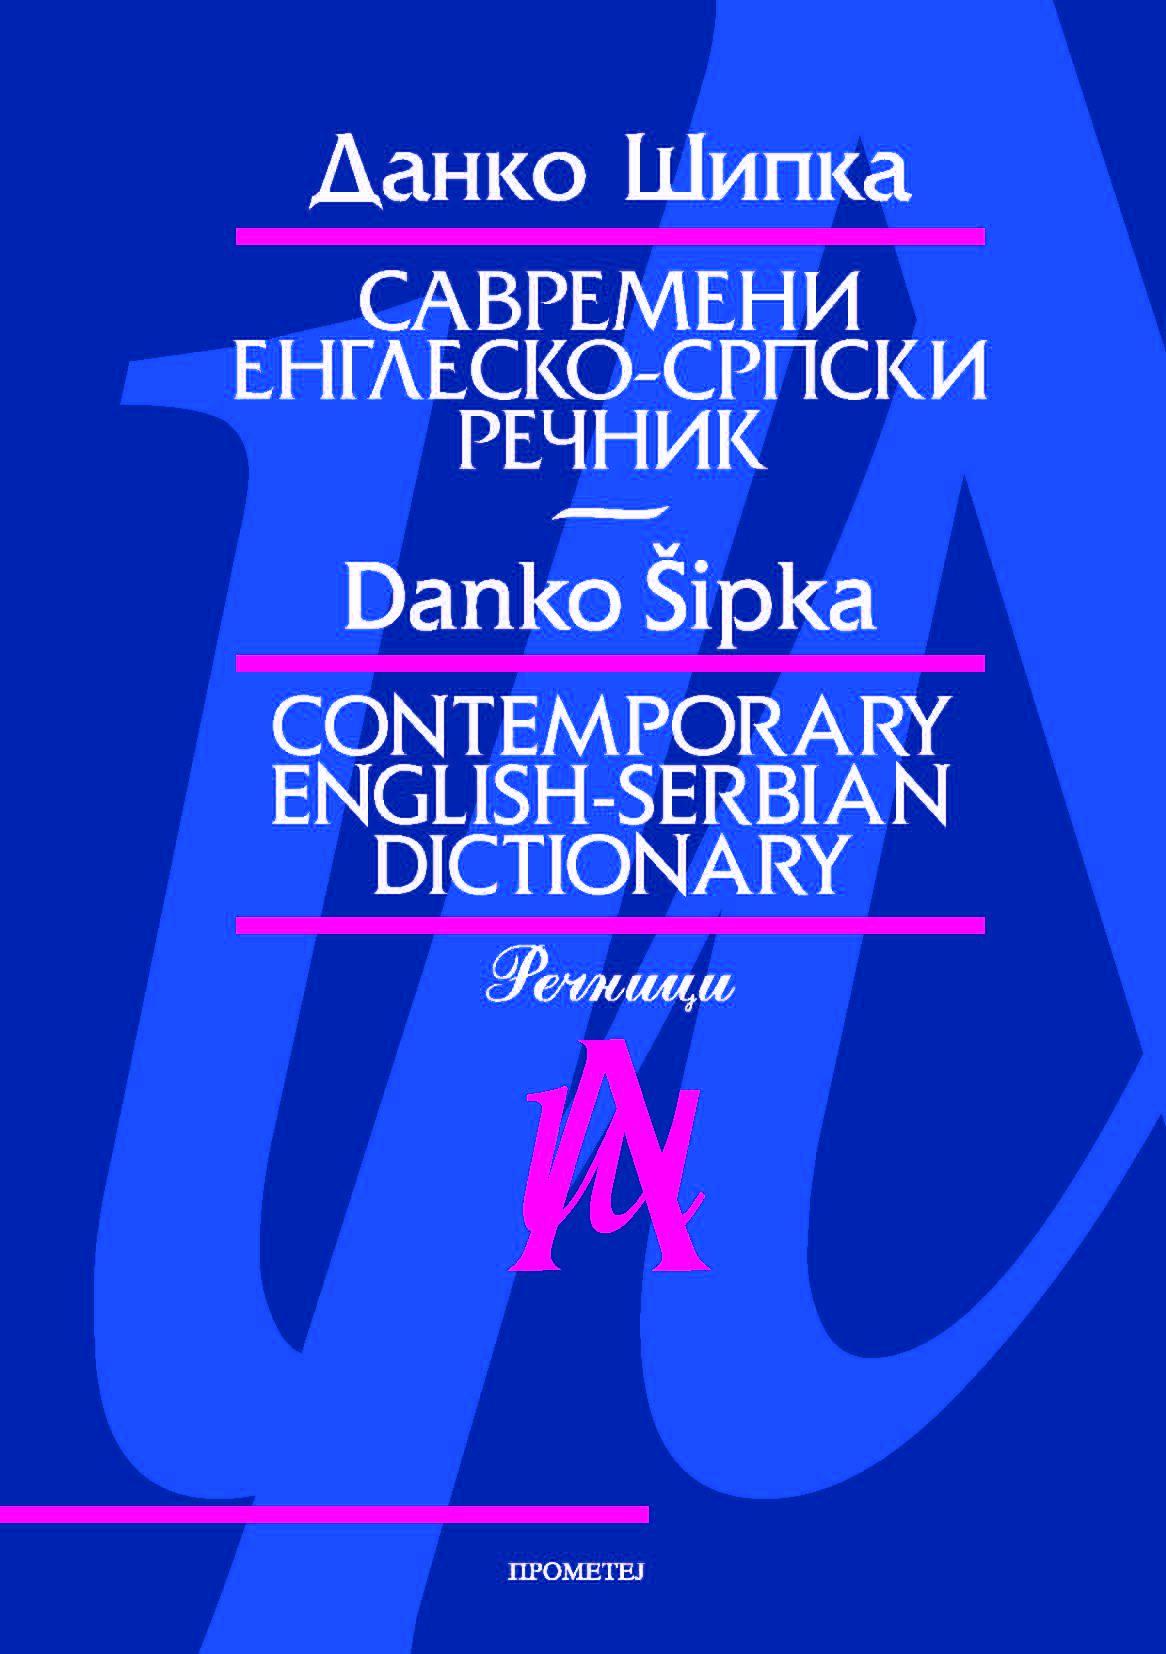 Савремени ЕНГЛЕСКО-СРПСКИ и СРПСКО-ЕНГЛЕСКИ речник